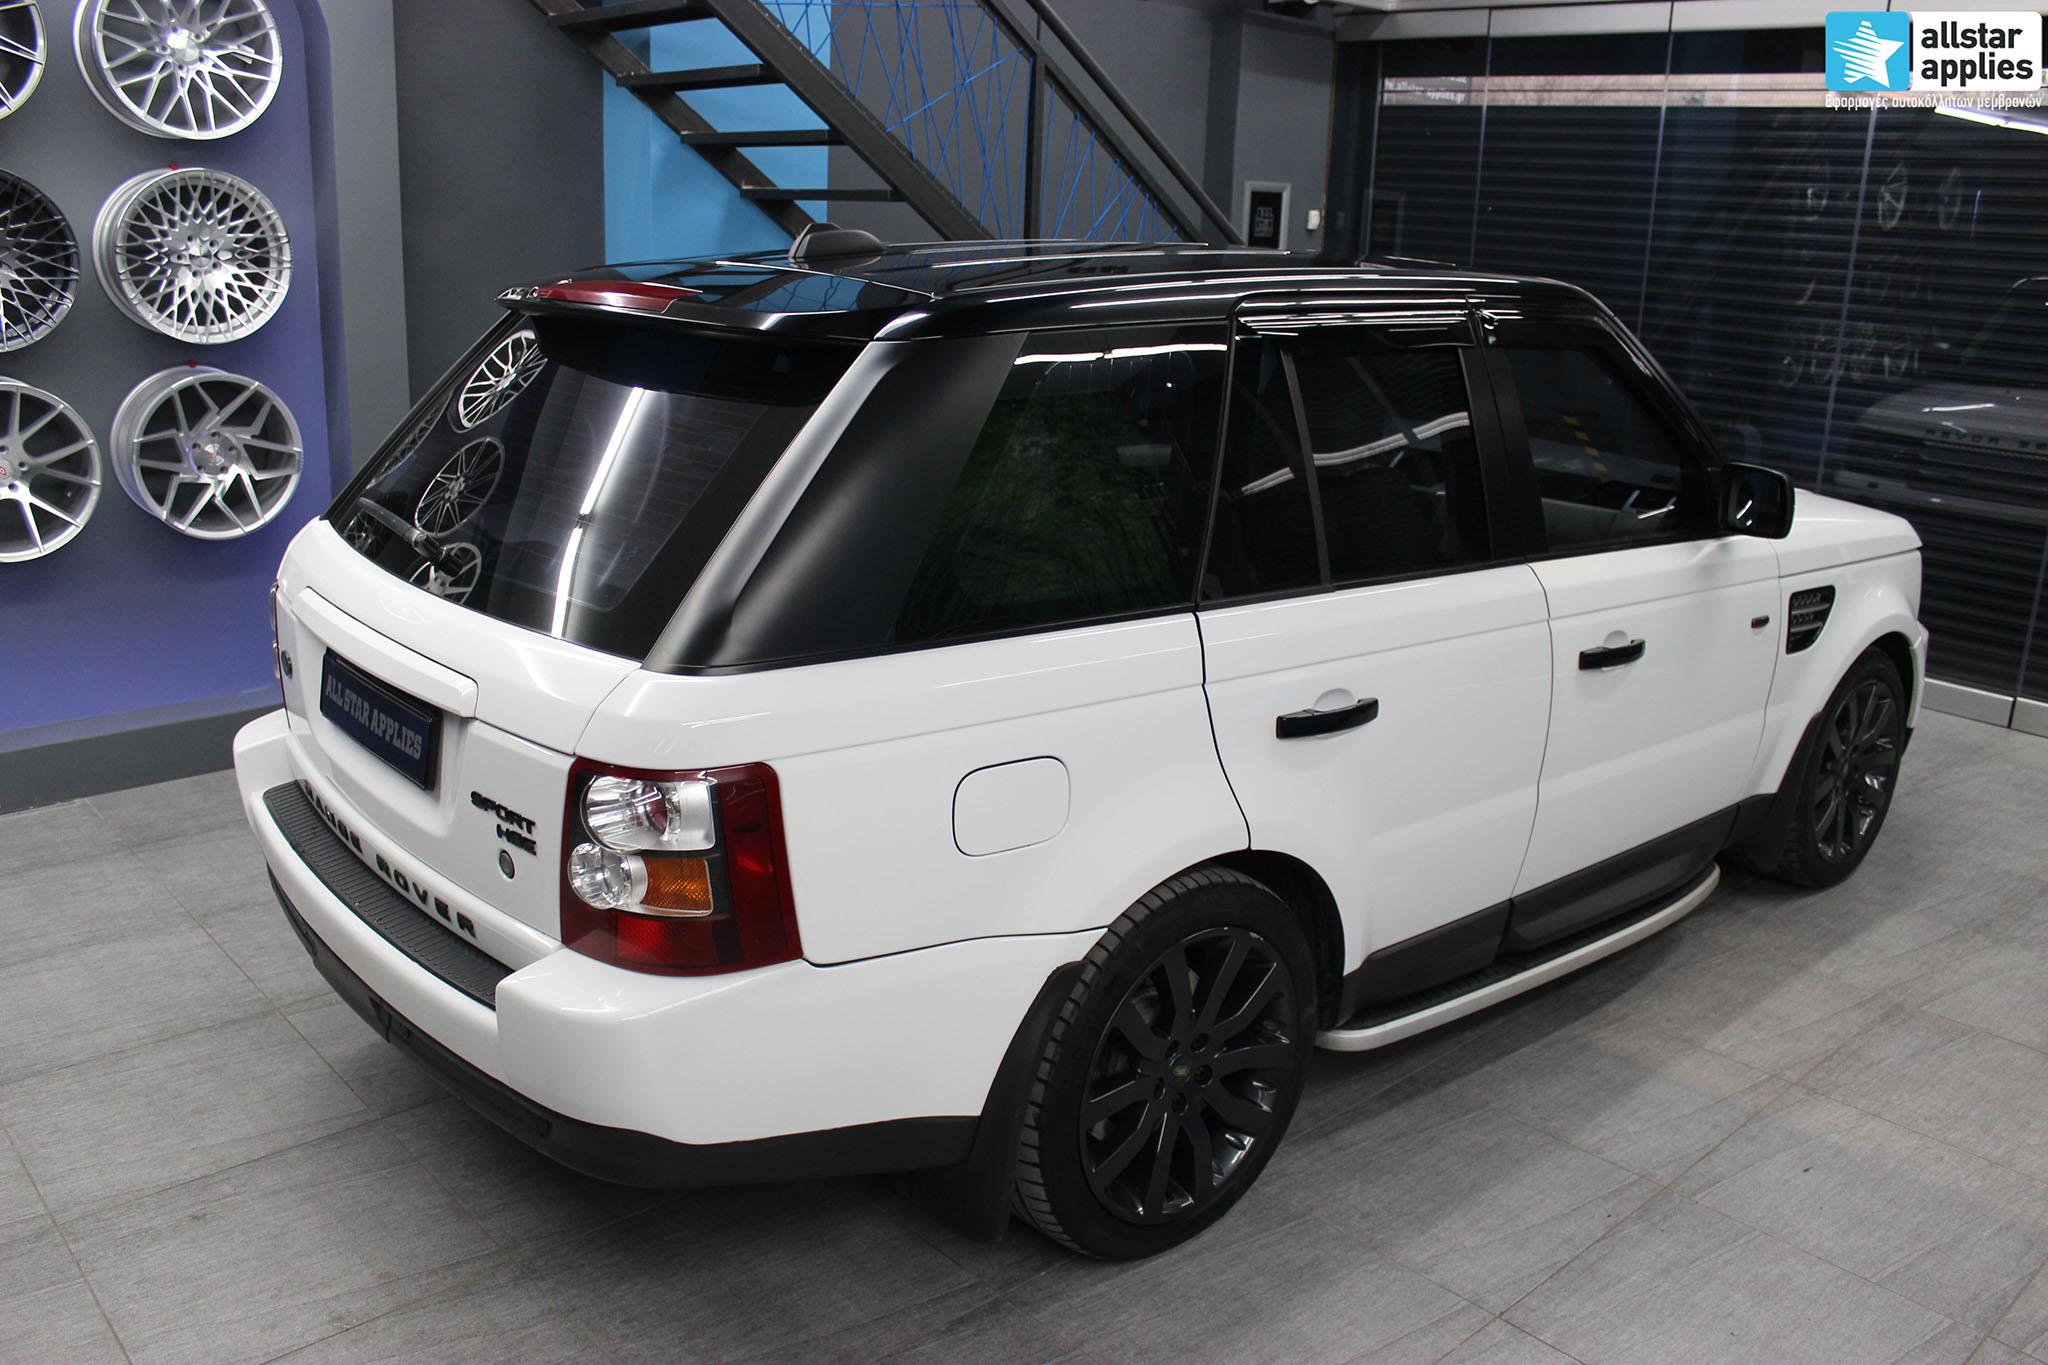 Range Rover – White Metallic (5)